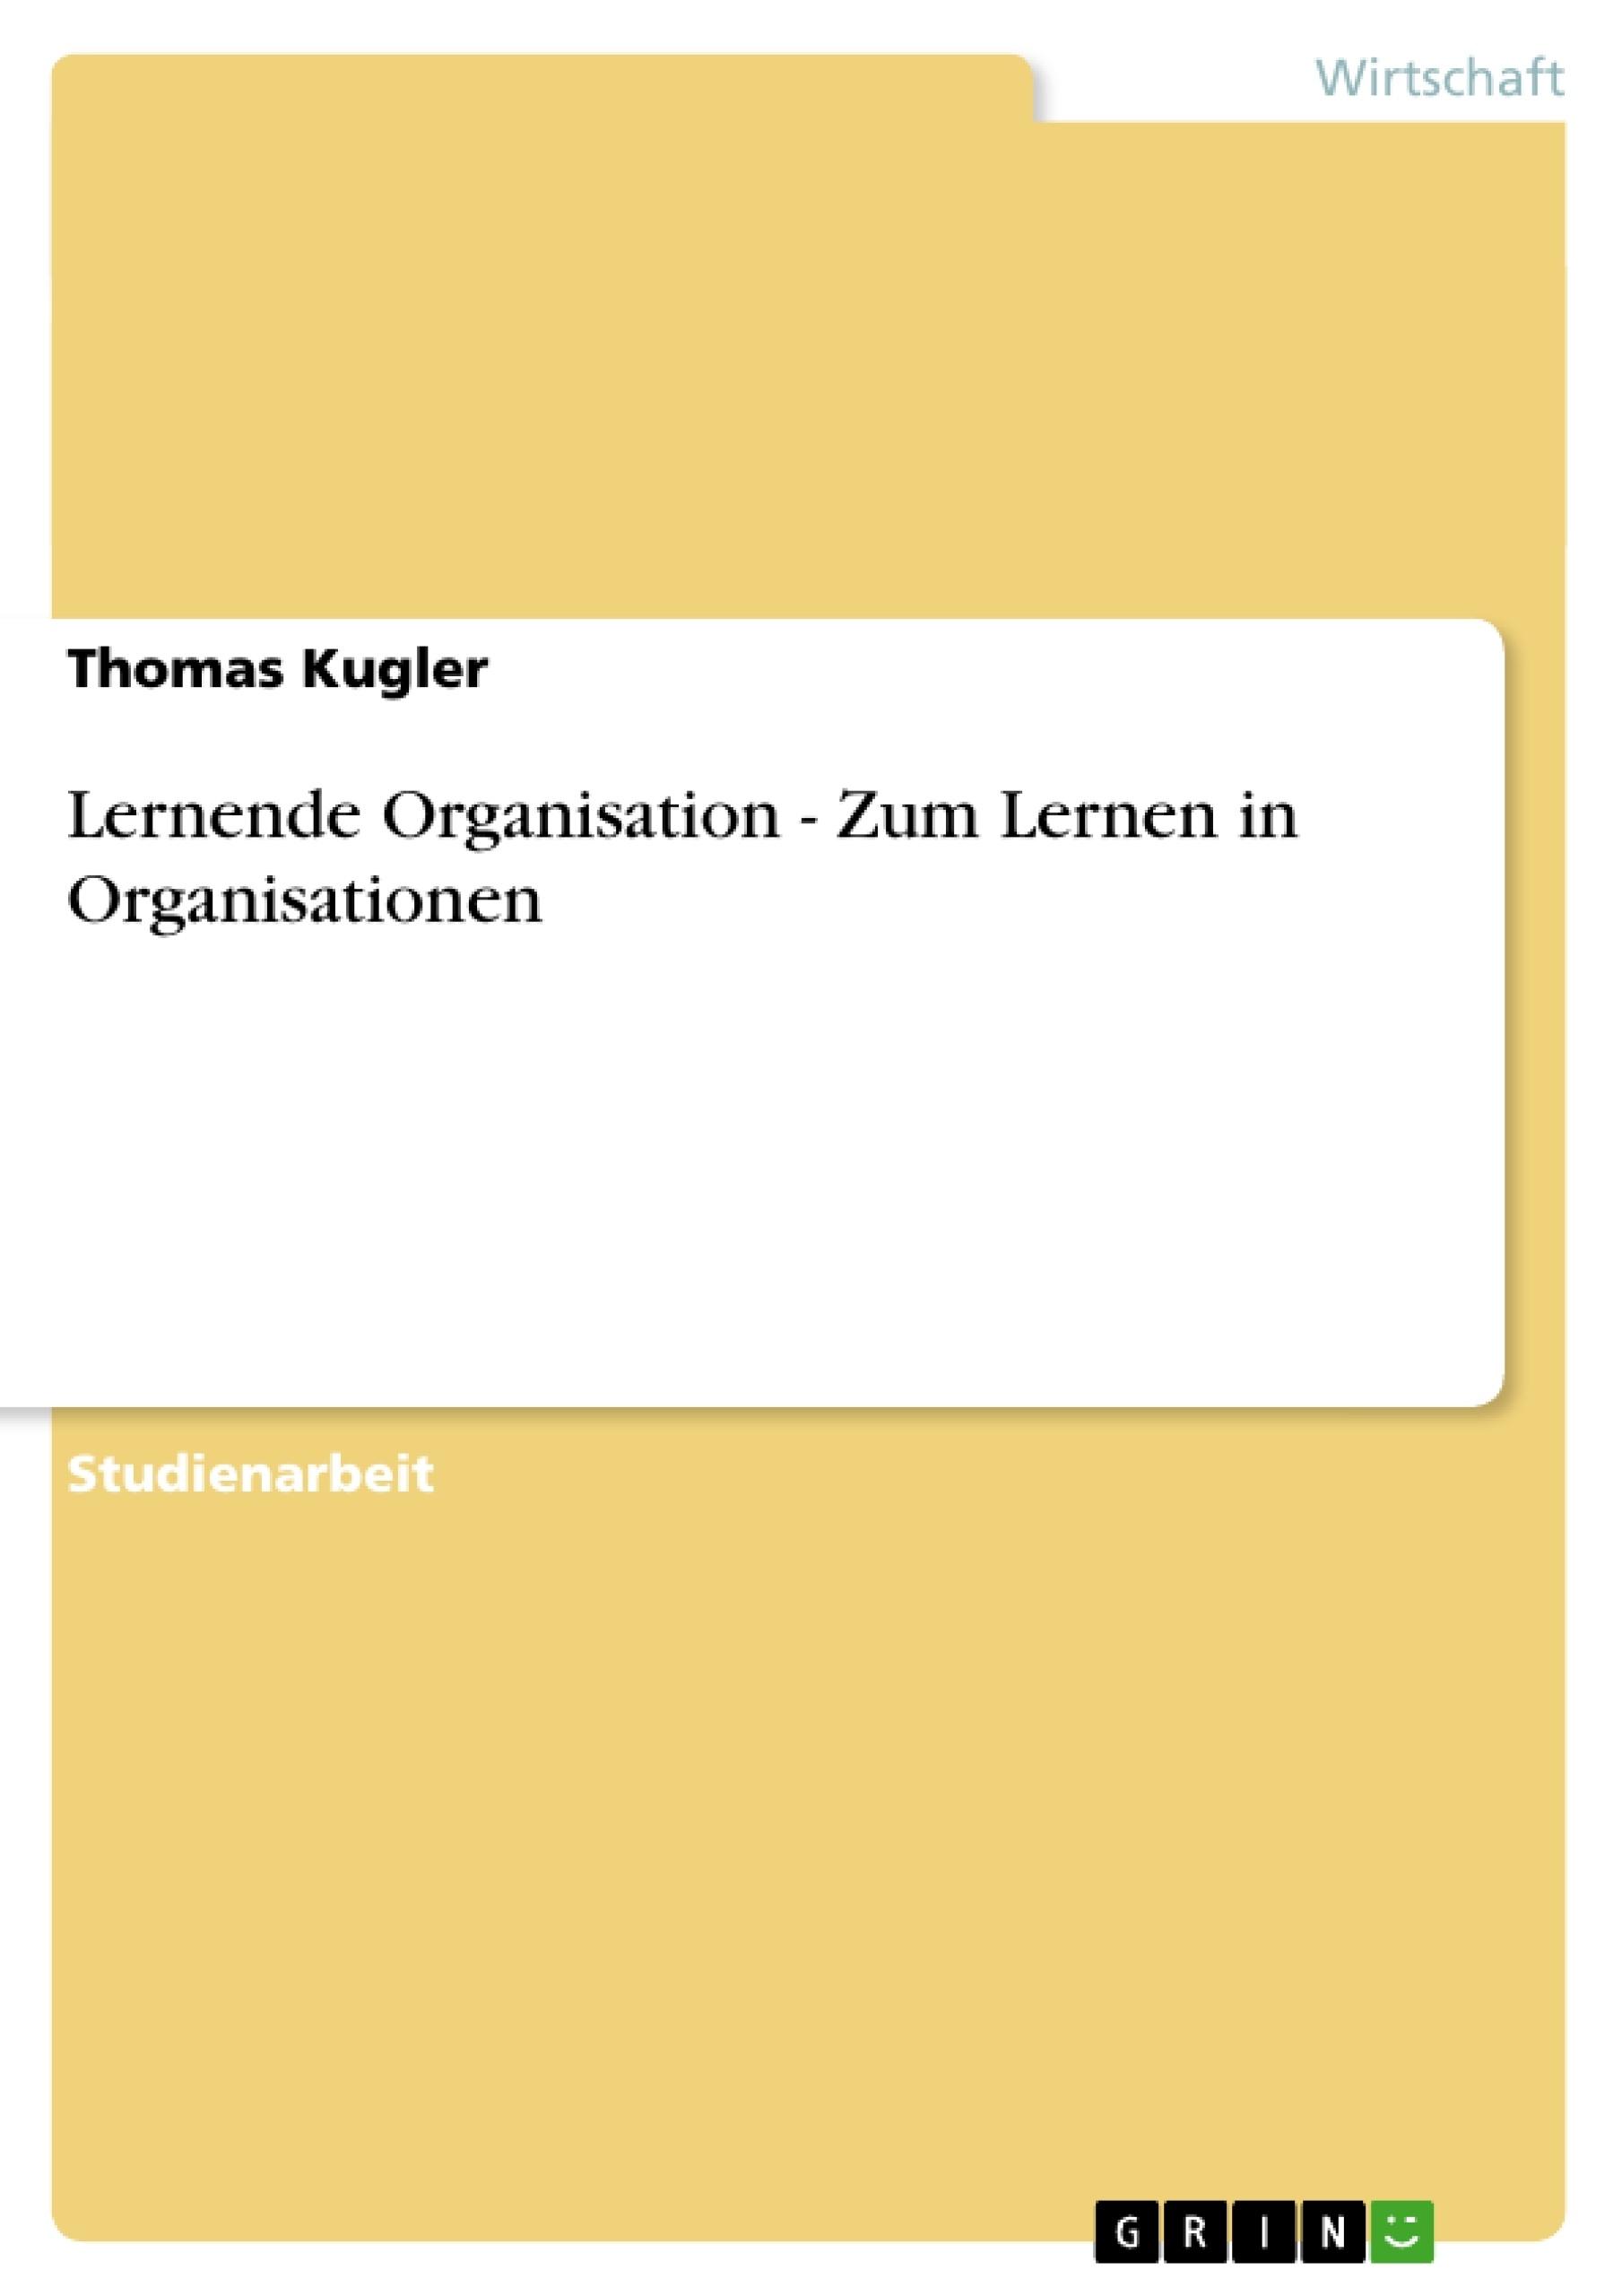 Titel: Lernende Organisation - Zum Lernen in Organisationen